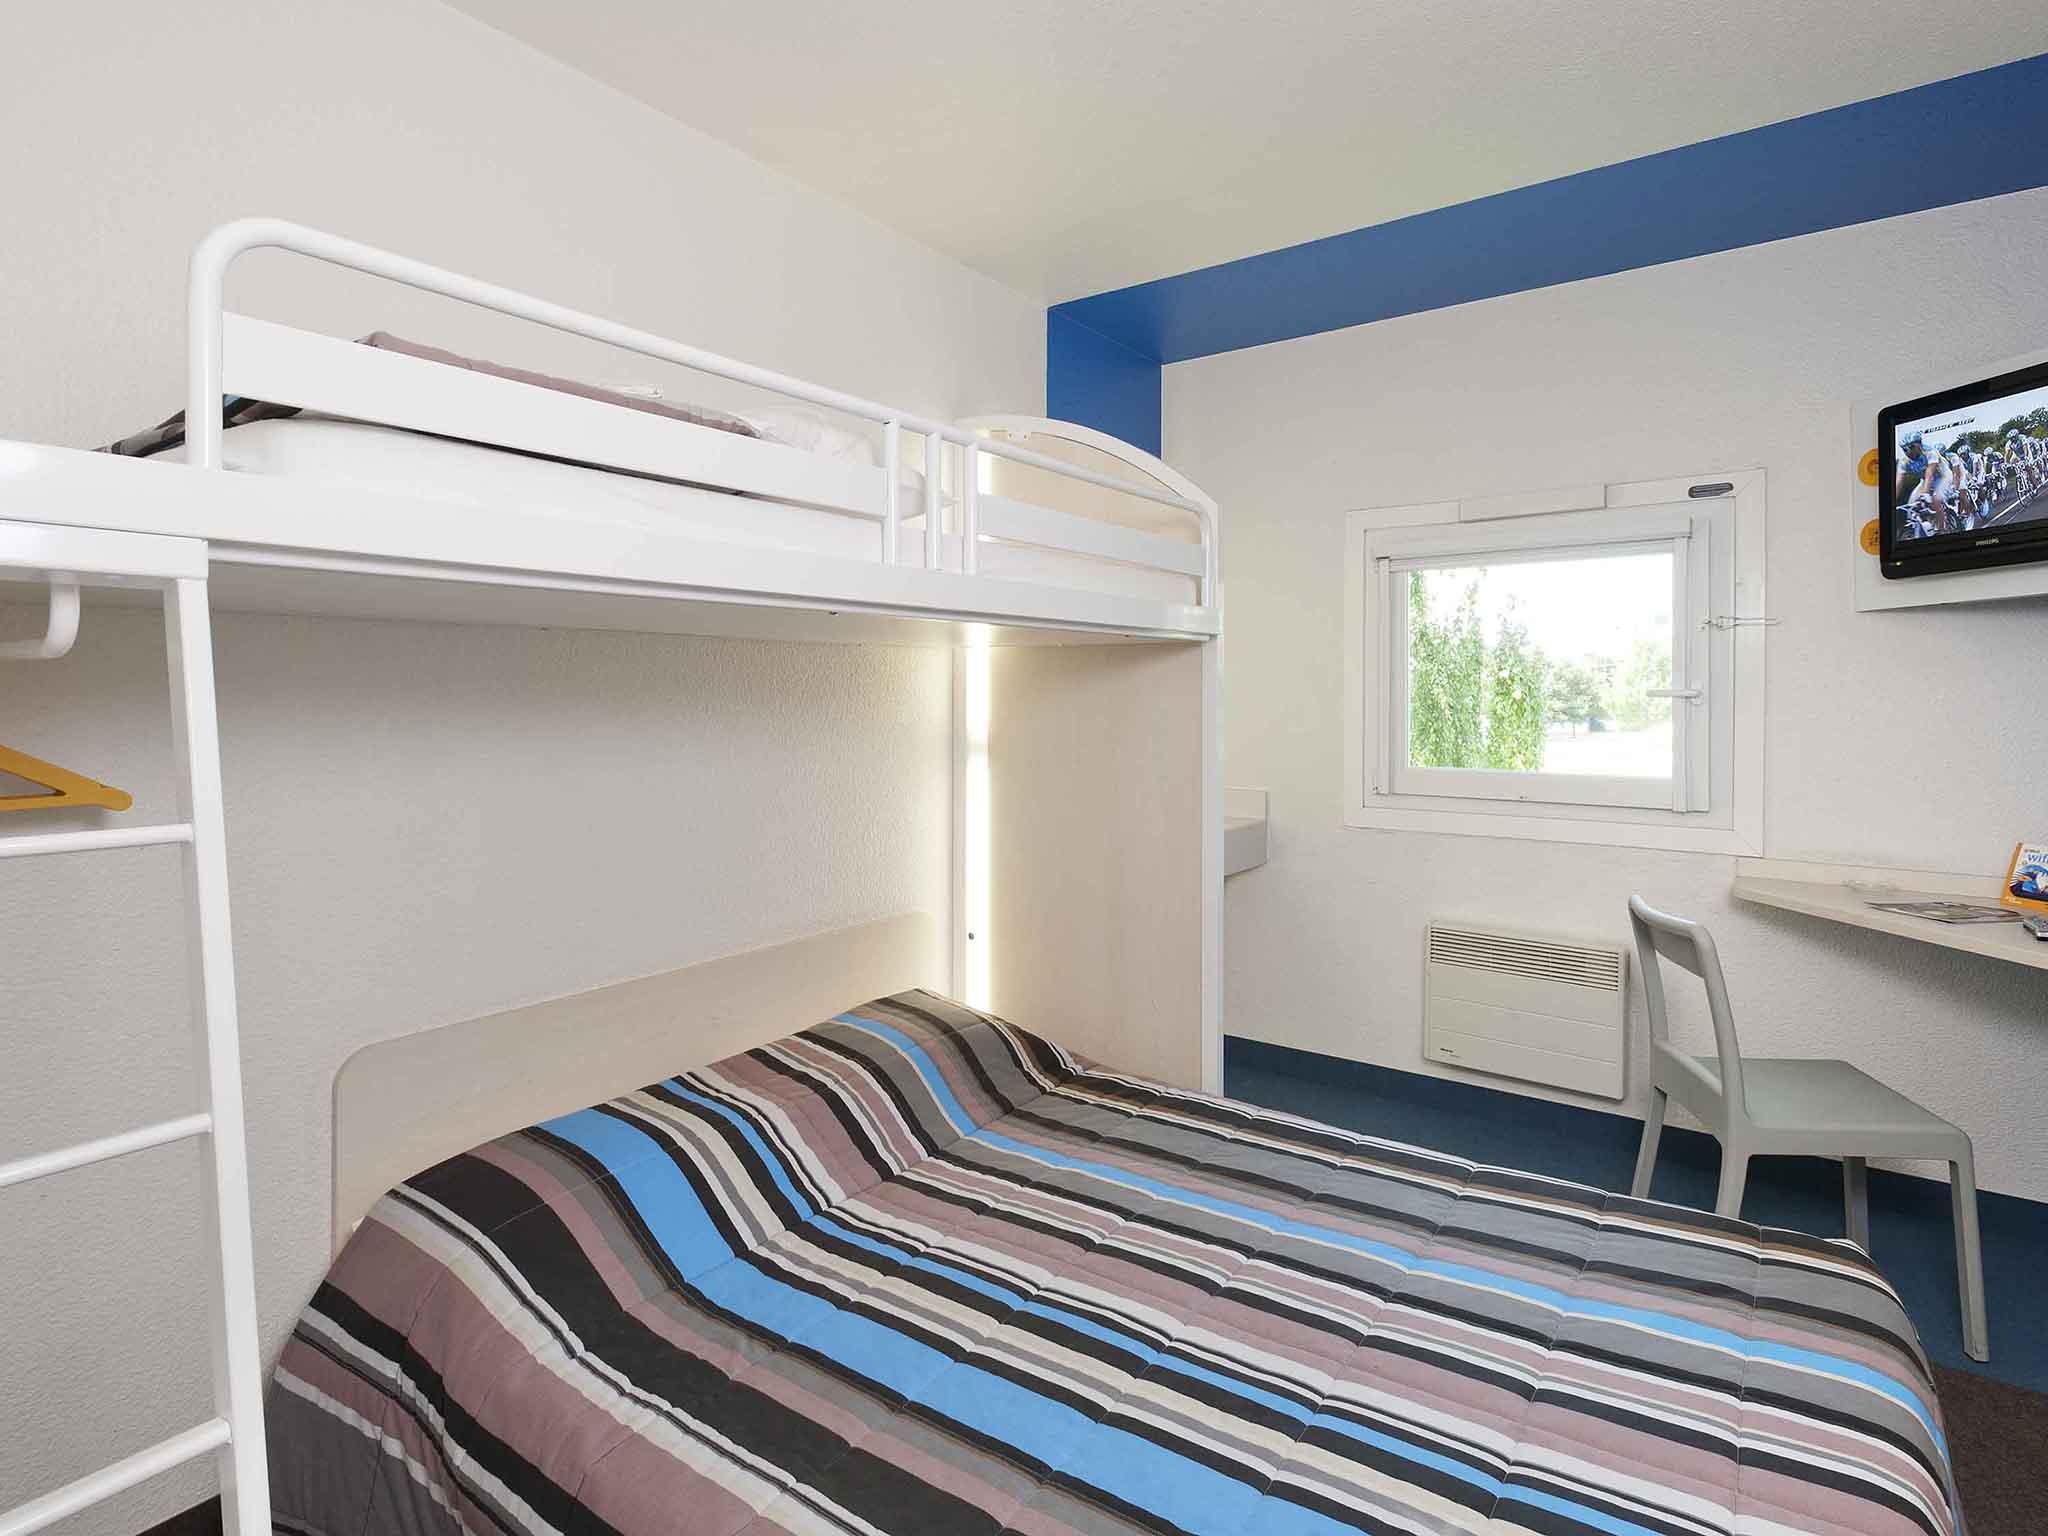 โรงแรม – hotelF1 Pontarlier